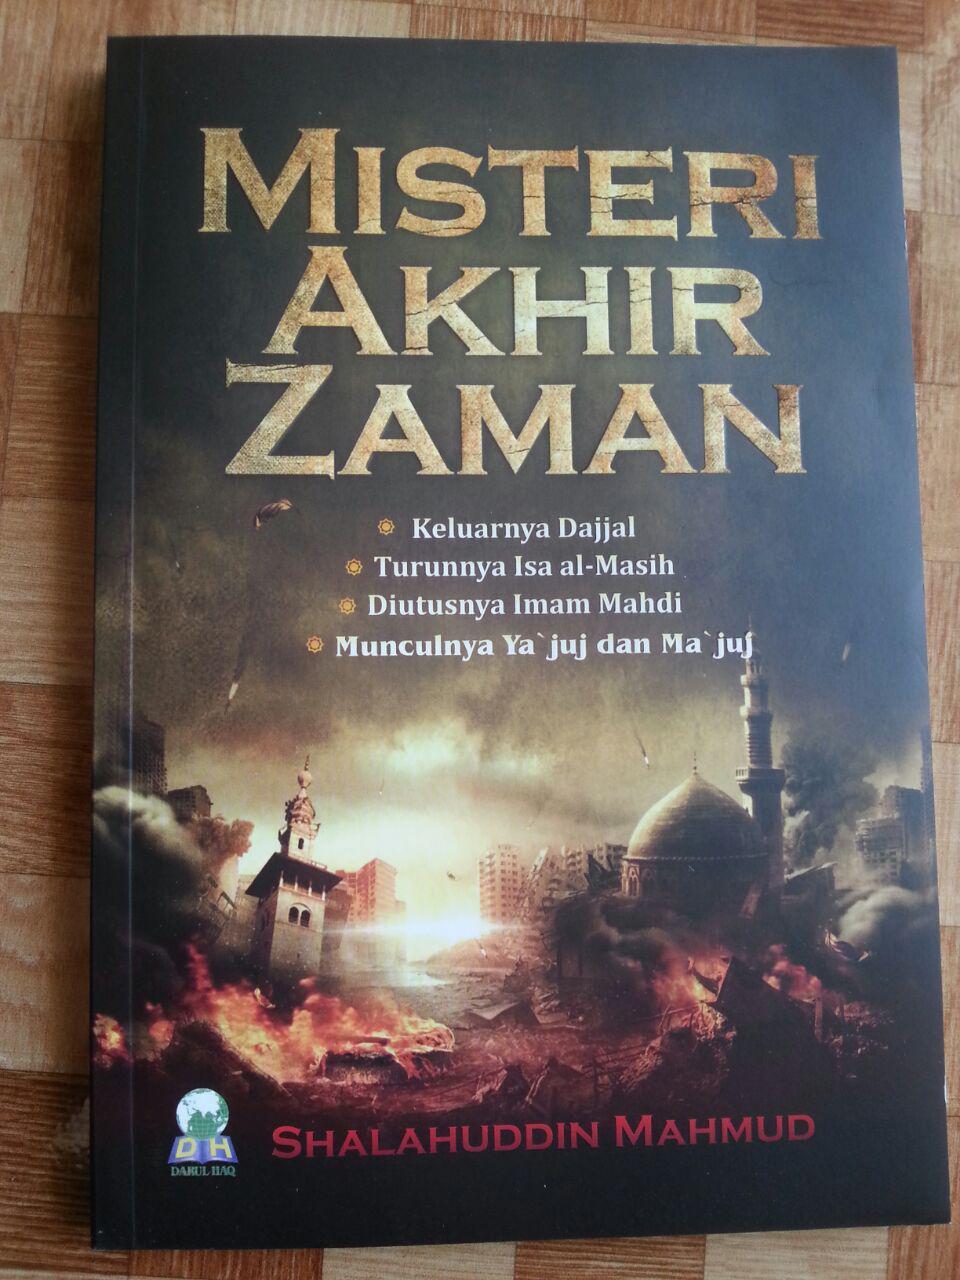 Buku Misteri Akhir Zaman cover 2